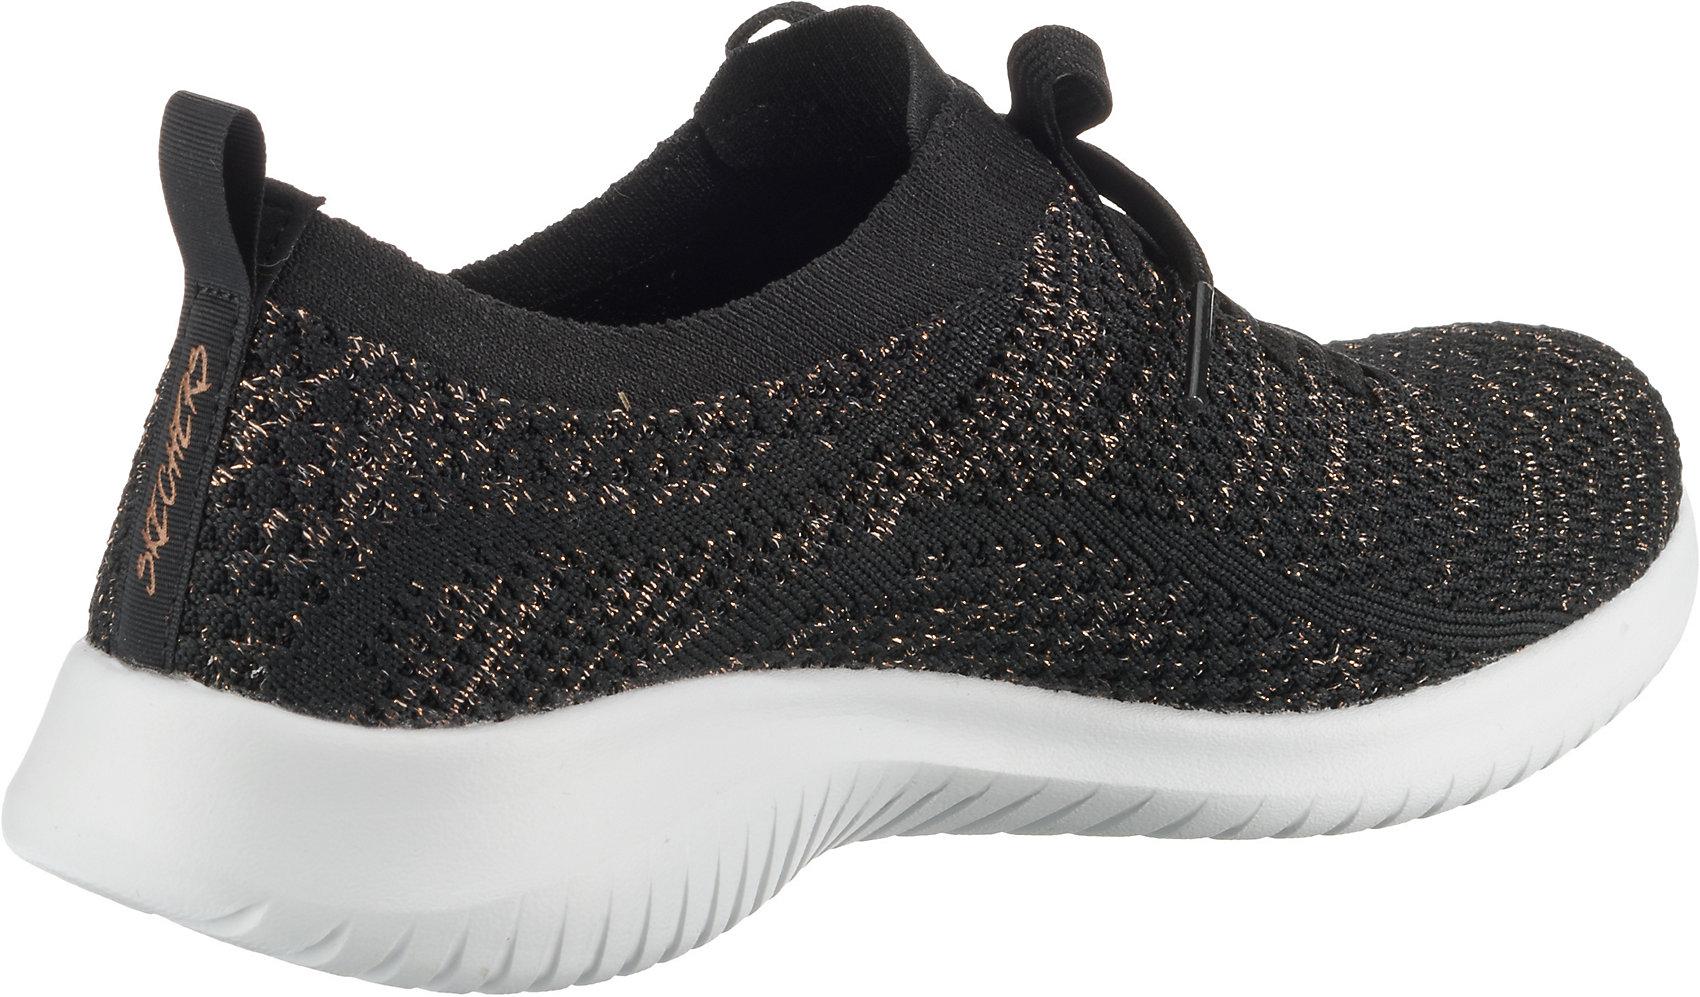 Neu SKECHERS ULTRA FLEX SALUTATIONS Sneakers Low 10412426 96IoN